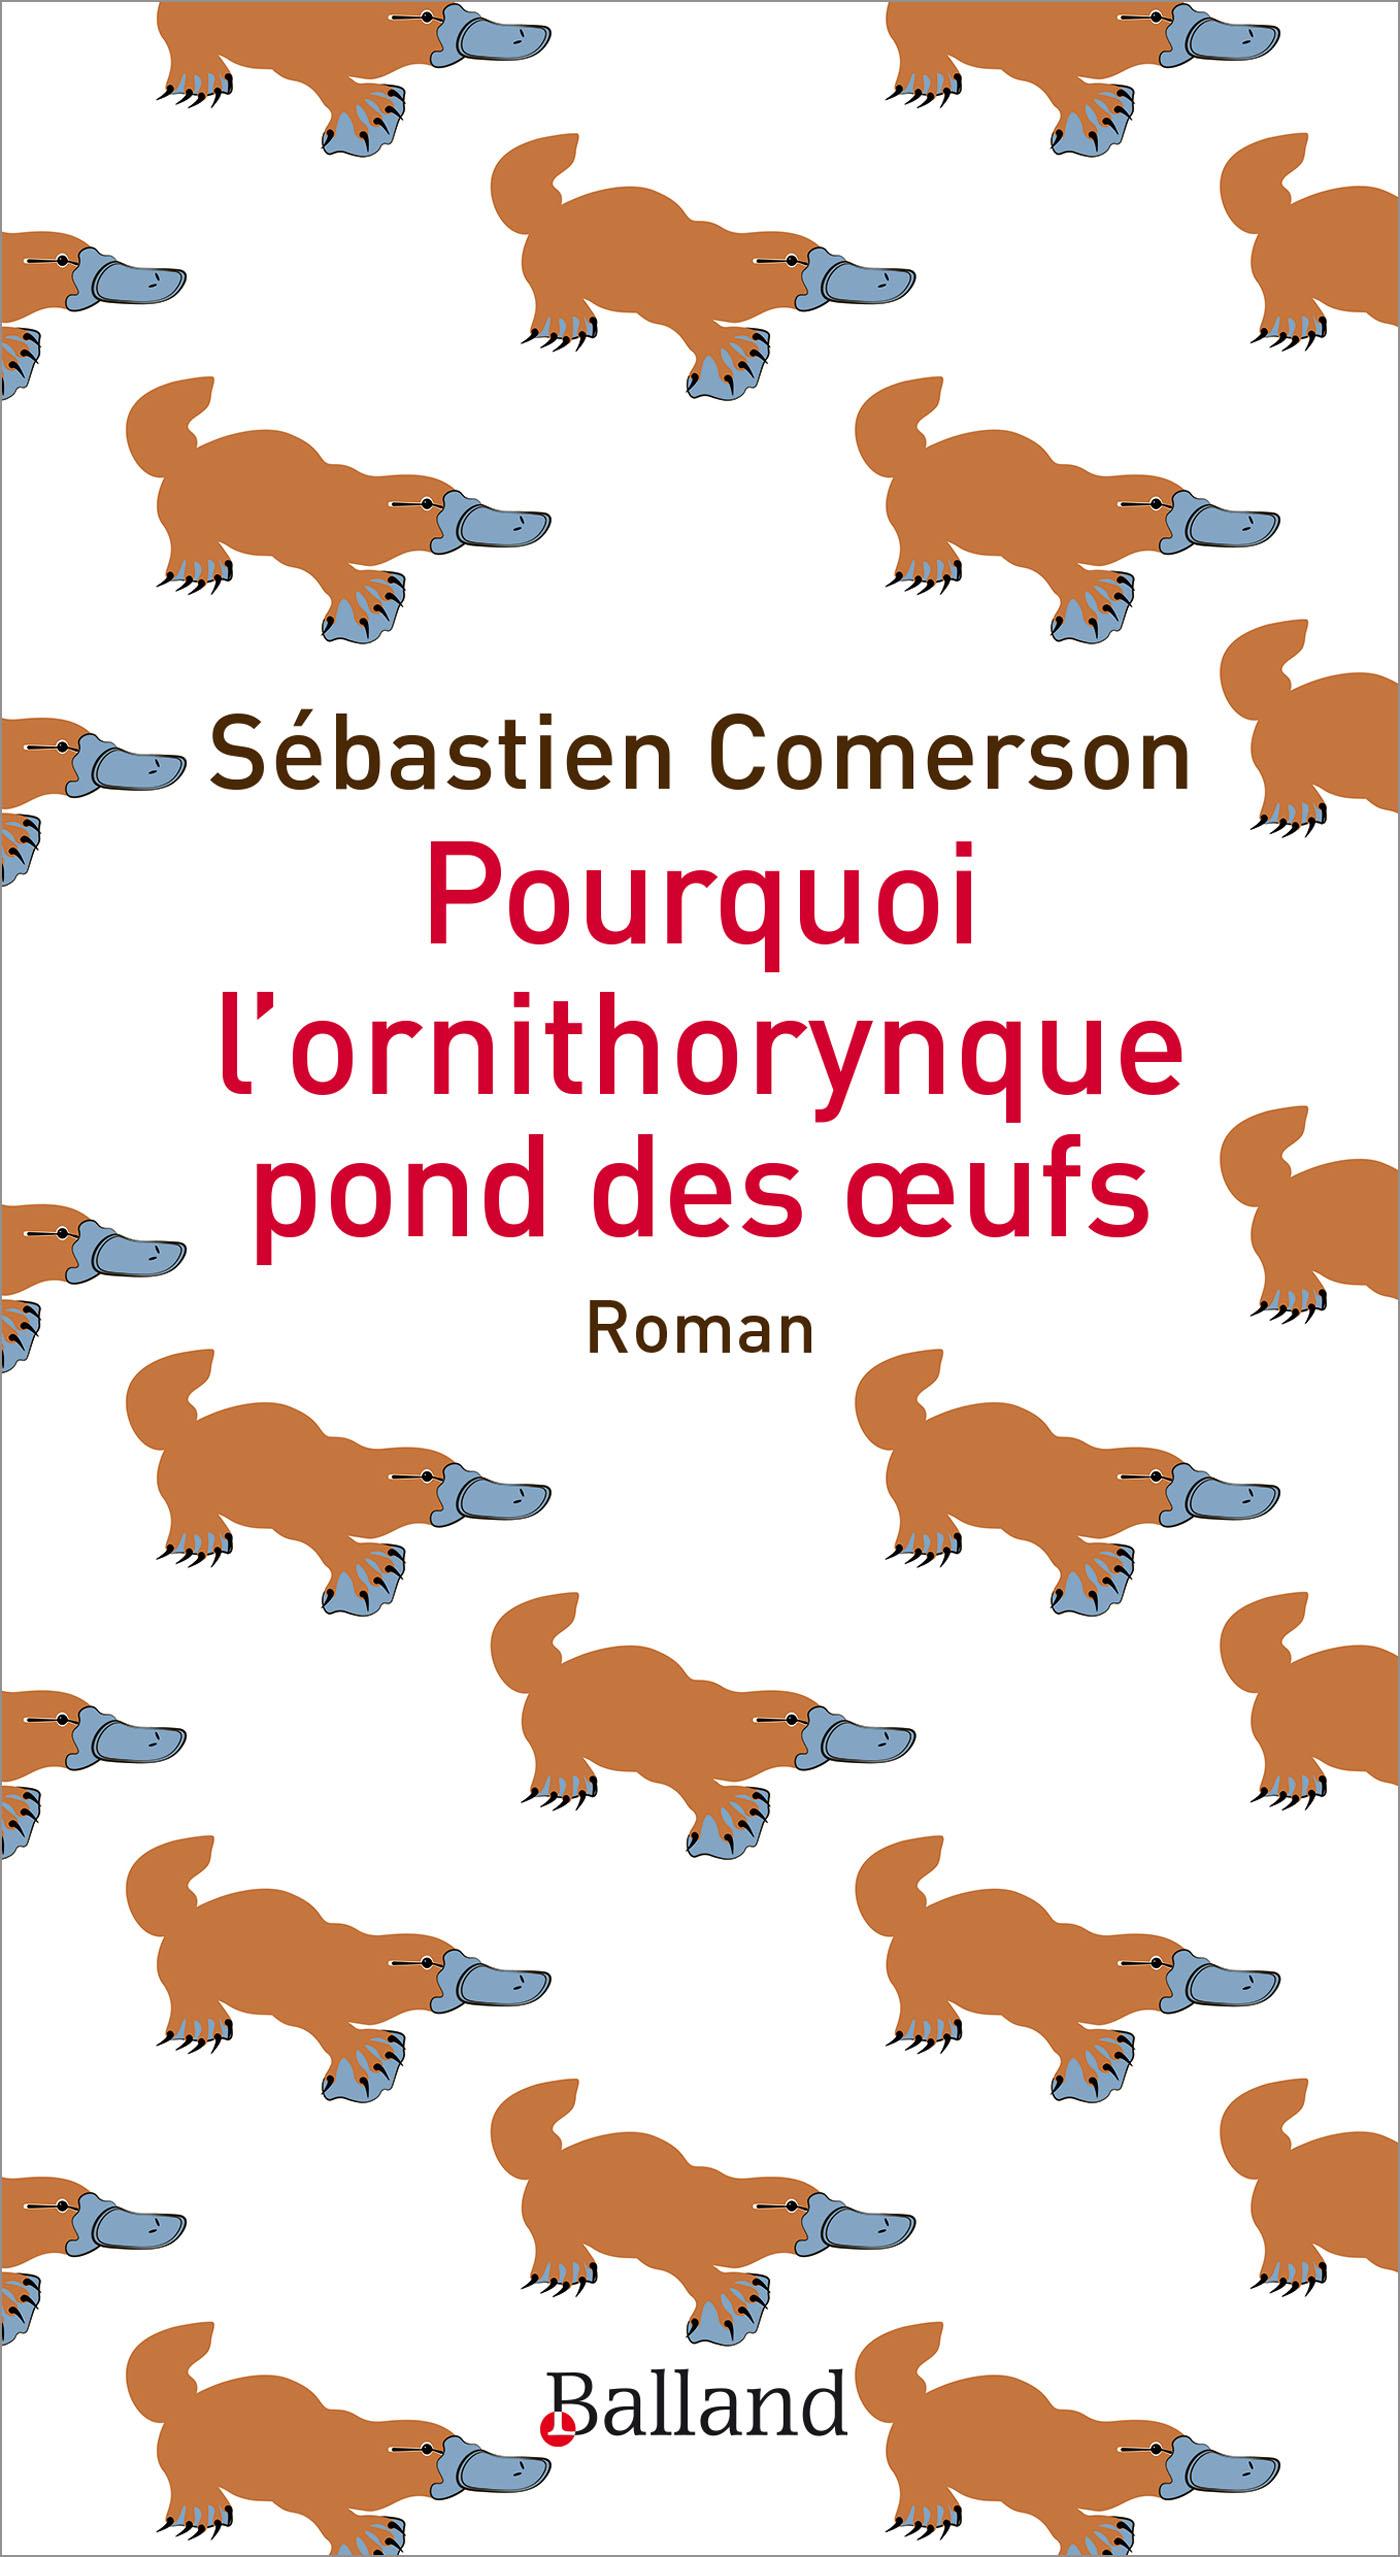 Pourquoi L'ornithorynque Pond Des Œufs Roman - Editions Balland dedans Animaux Qui Pondent Des Oeufs